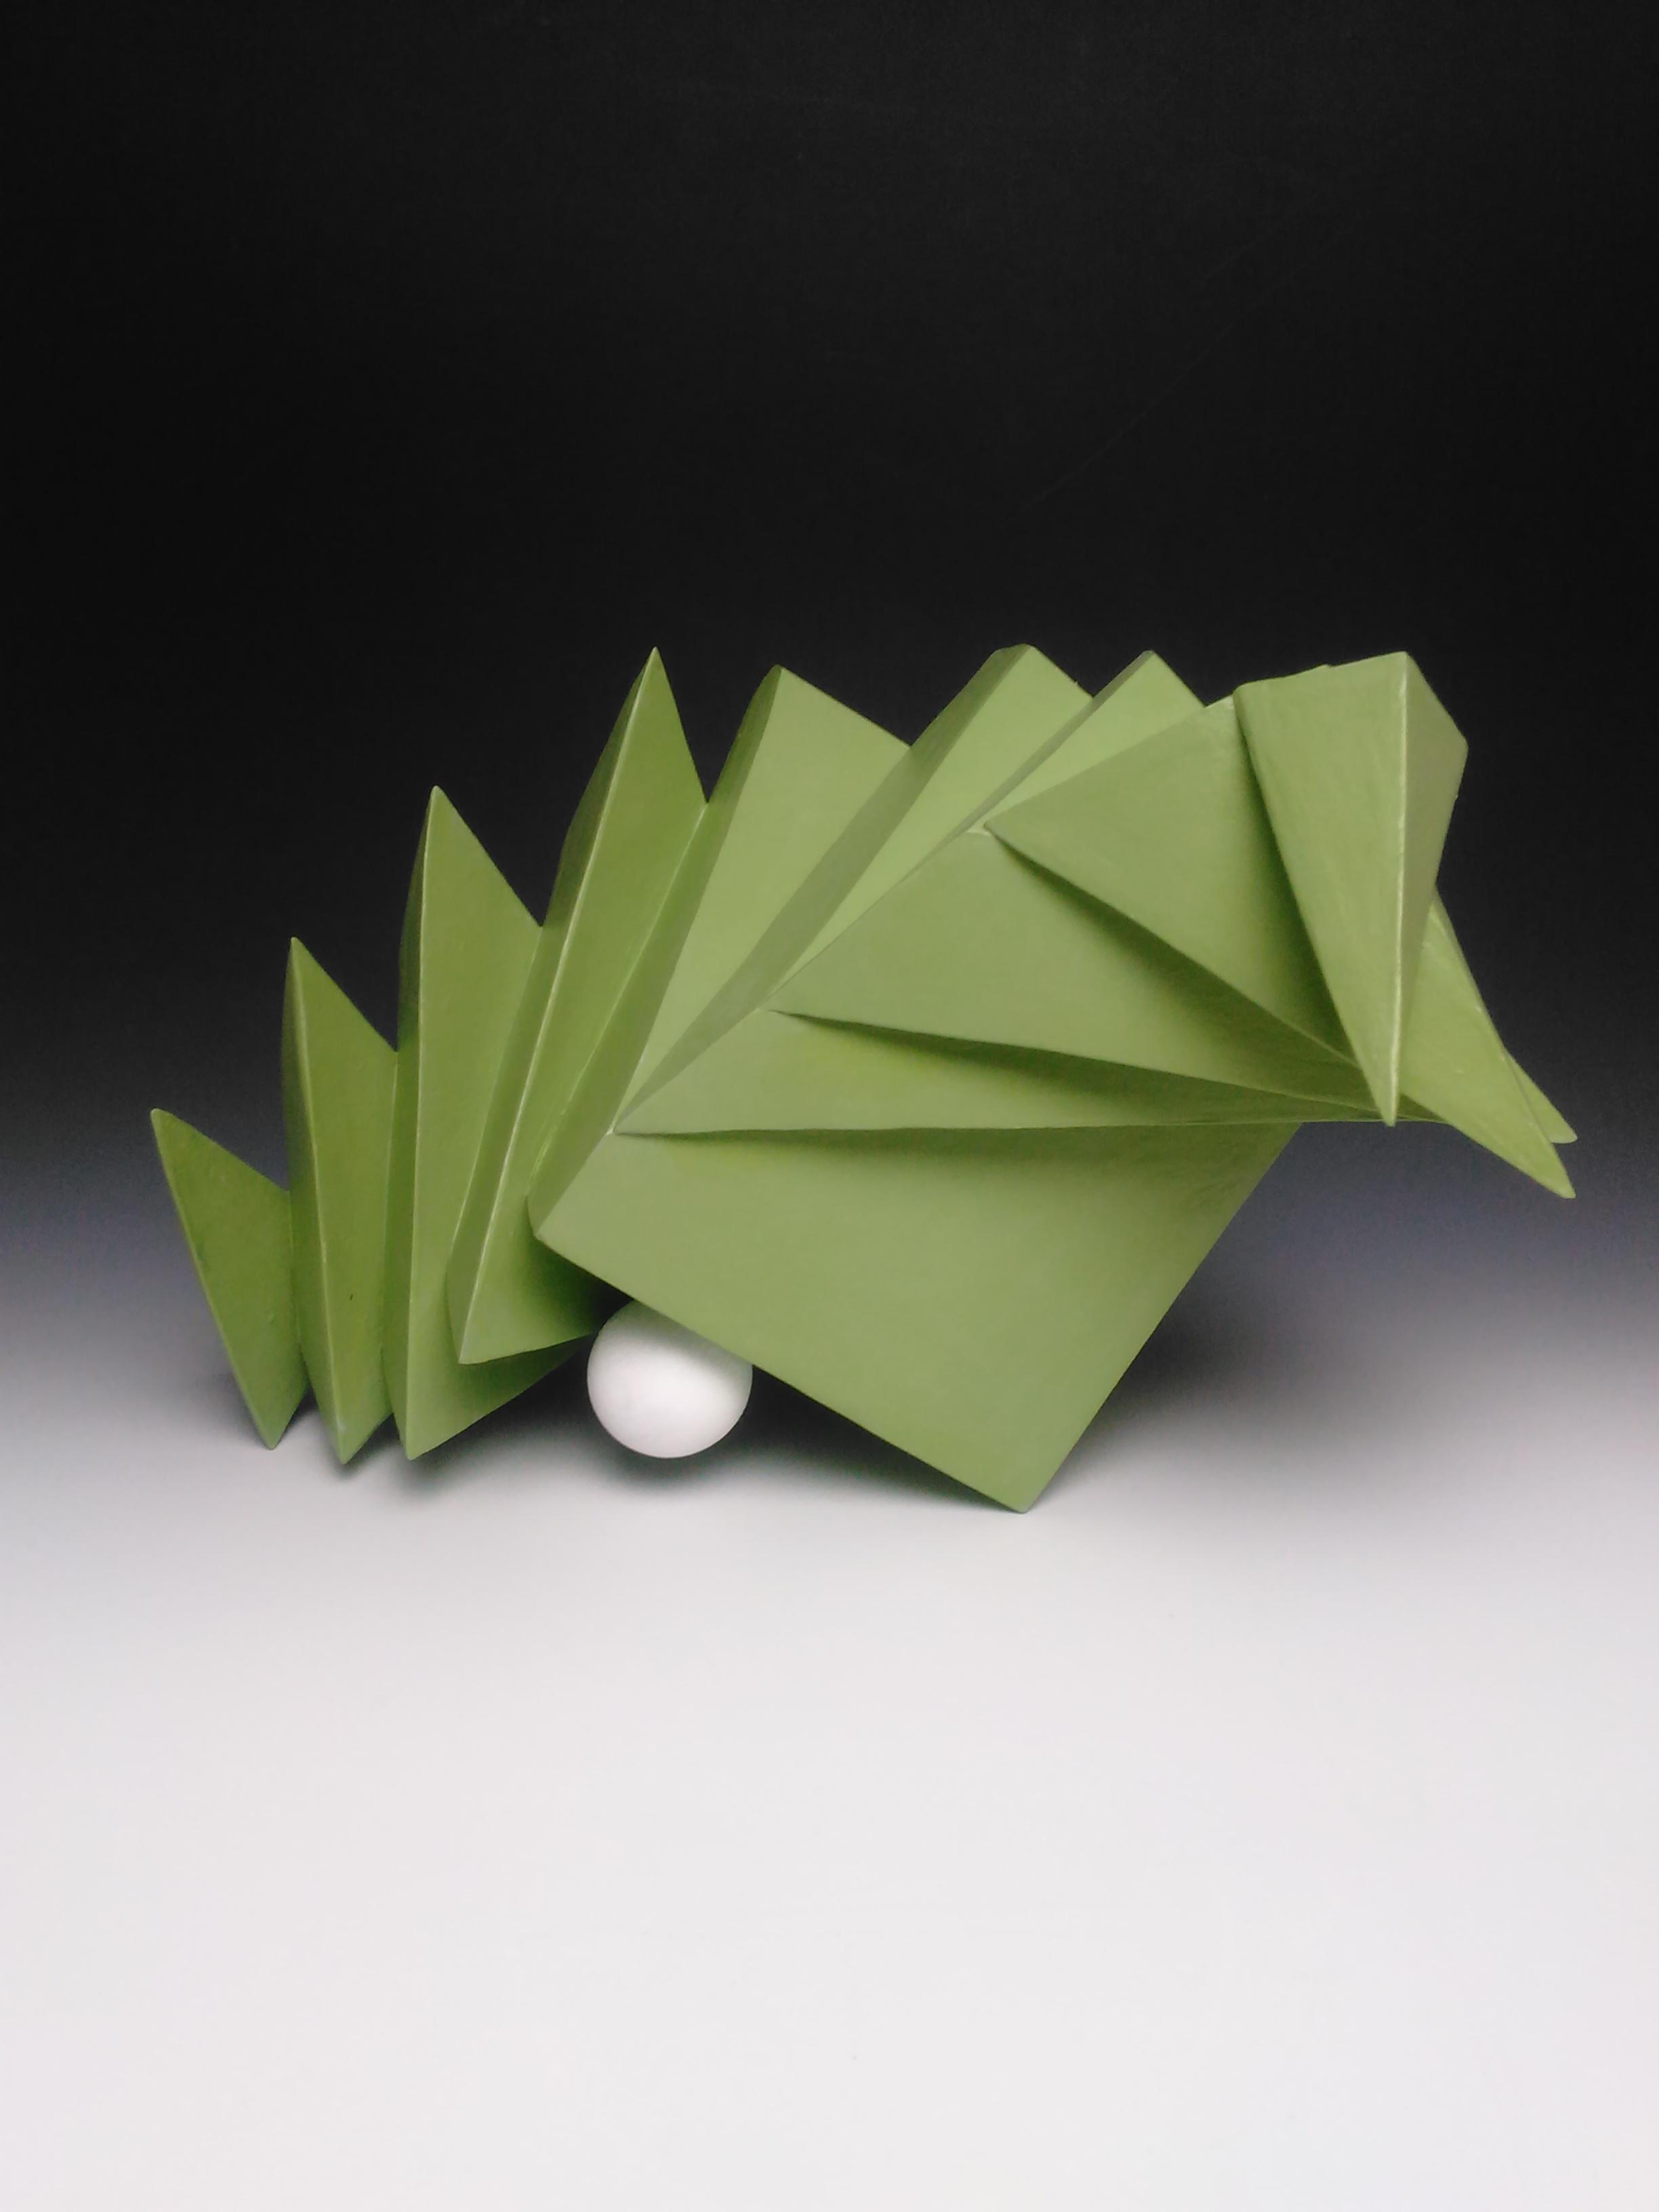 Index of library images illusions best - Ceramic Sculpture